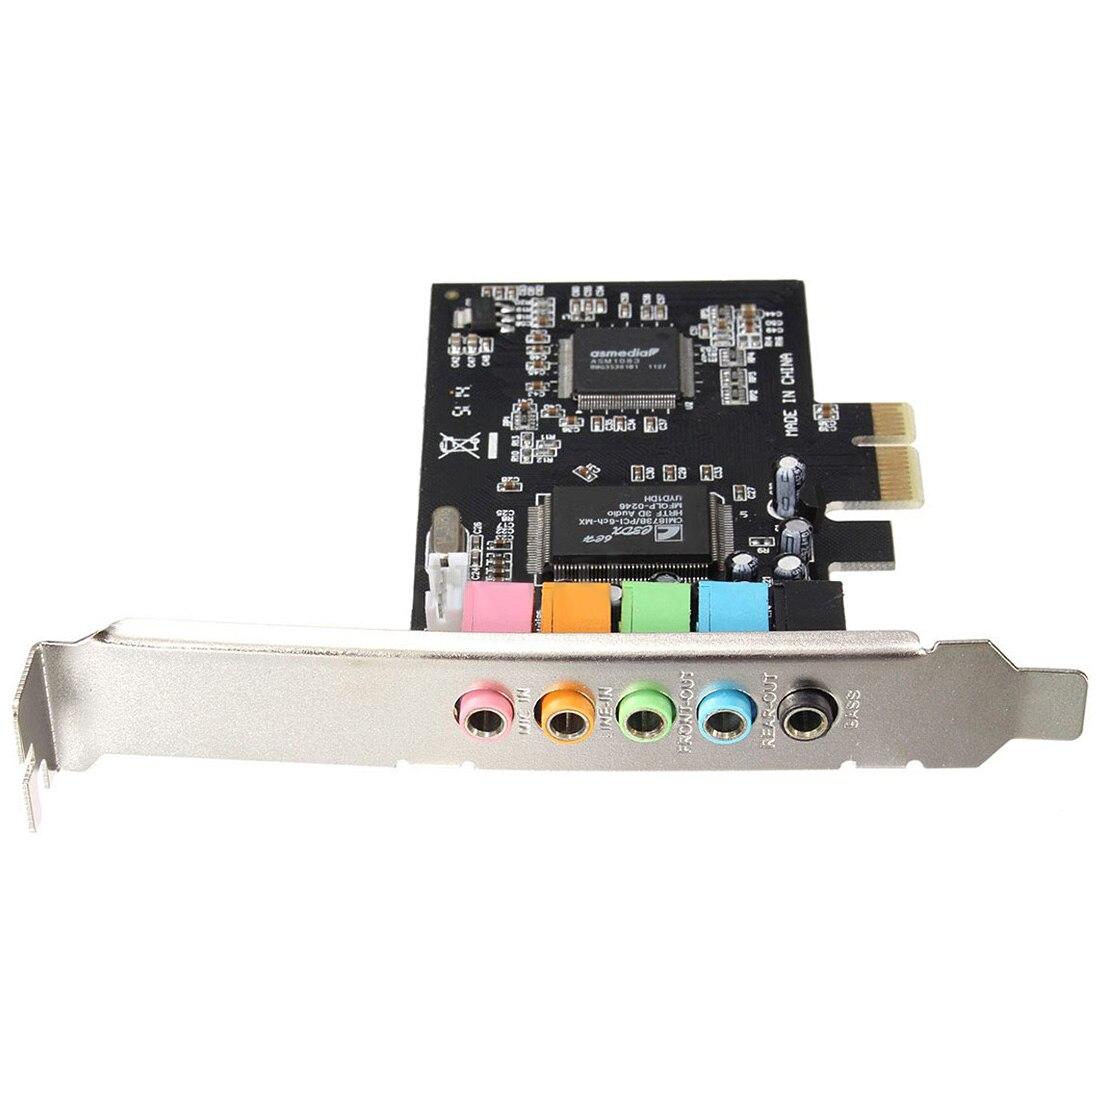 PCI-E 5,1 sonido 6 tarjeta de sonido Puerto CMI8738 cine estéreo tarjeta de sonido envolvente